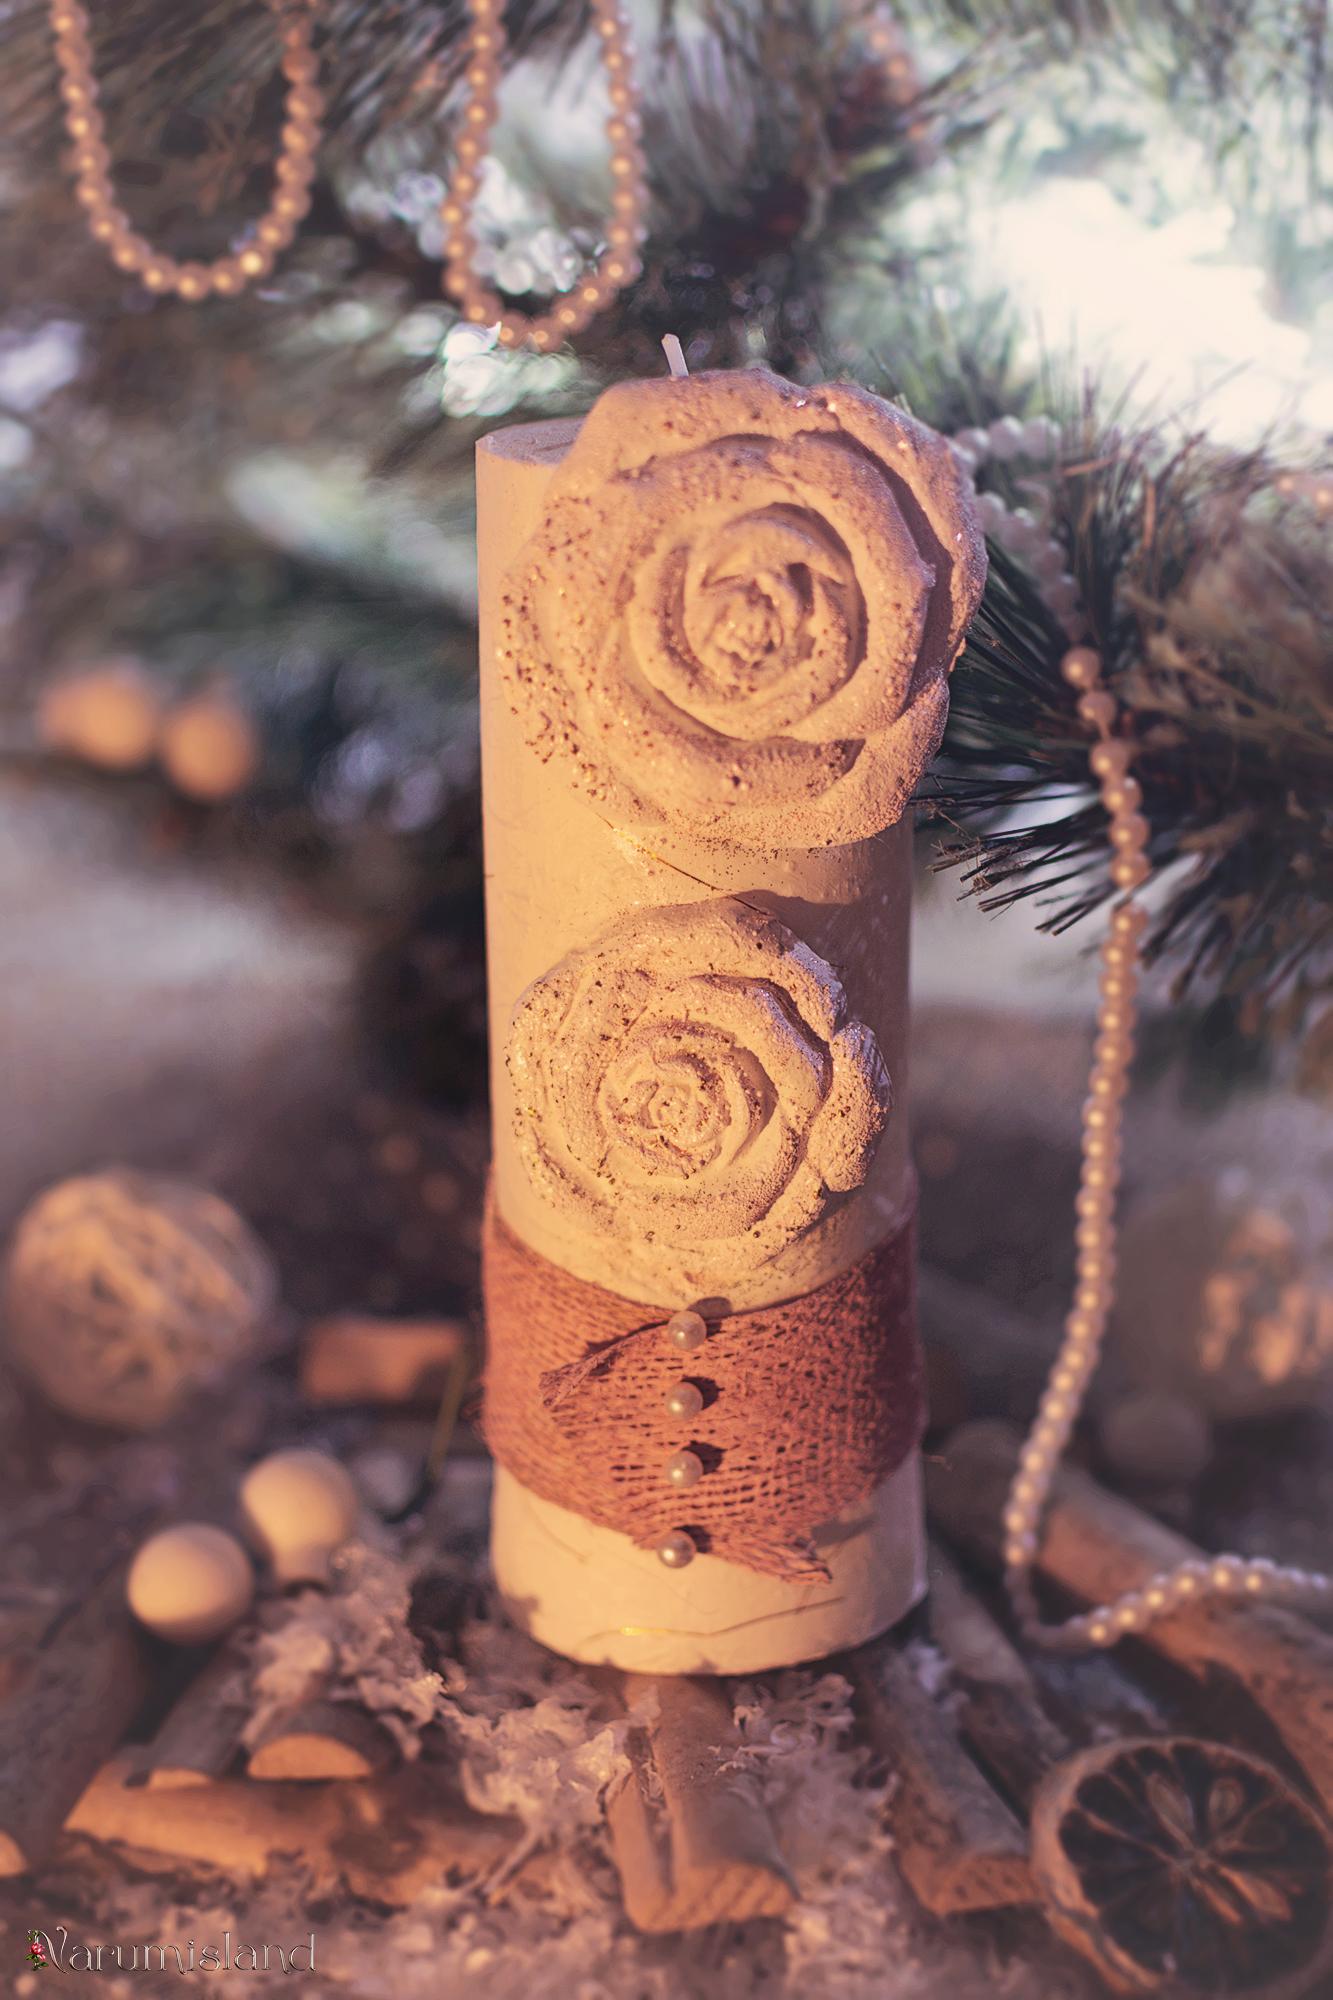 Lumanare Pentru Masa De Craciun, Cu Trandafiri In Relief, Perle Si Funda Roz